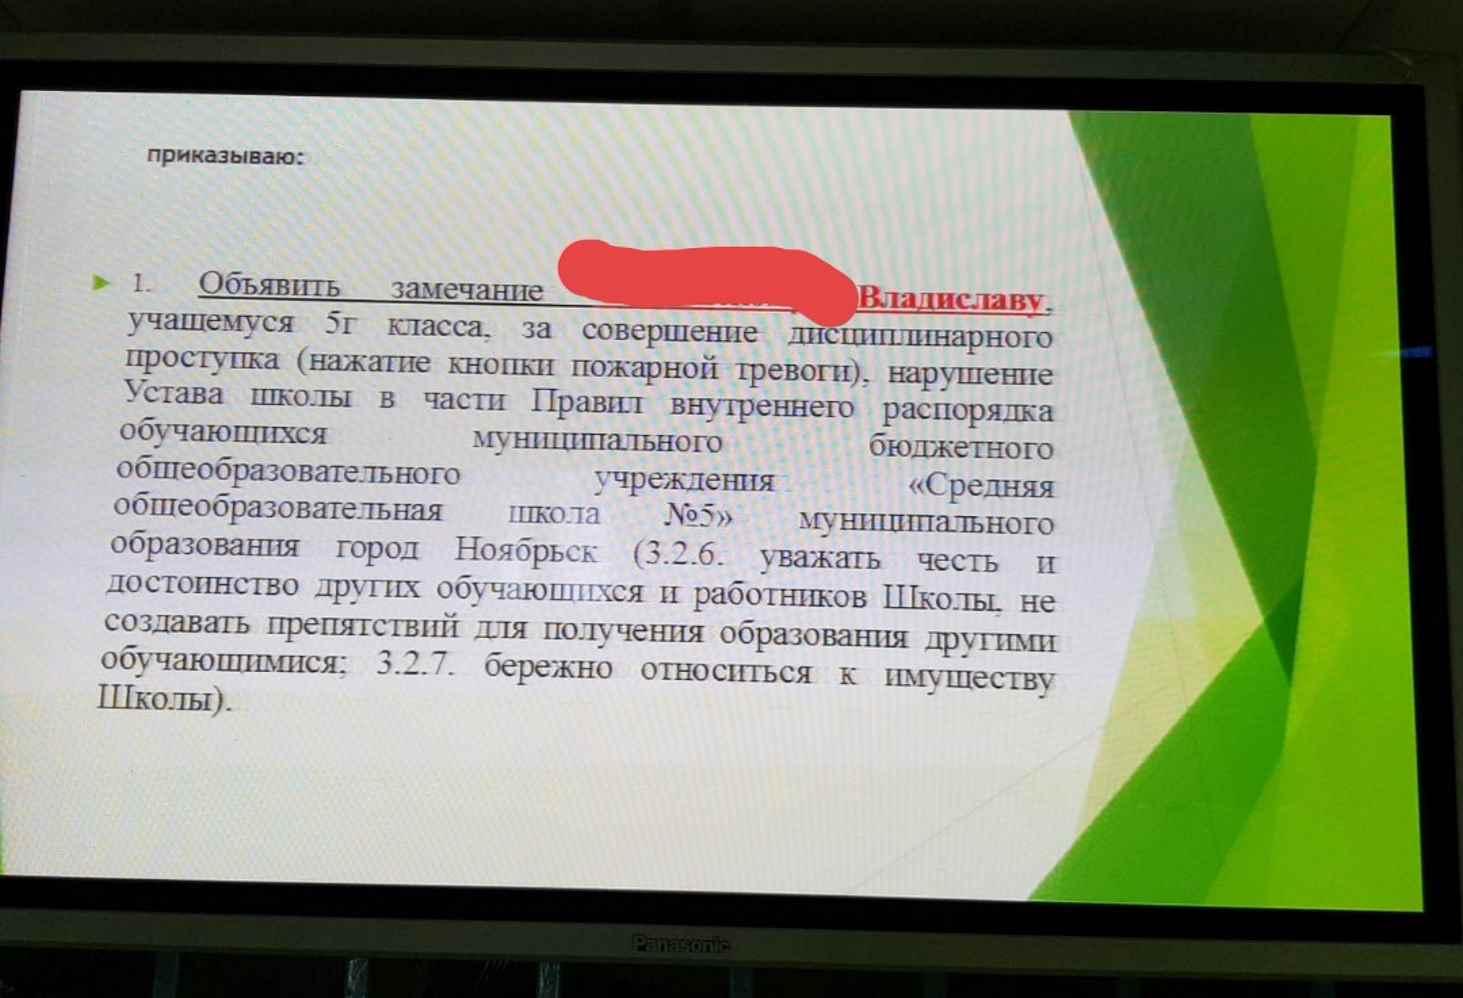 v-shkole-na-yamale-translirovali-zamechaniya-shkolnikov-na-ekran